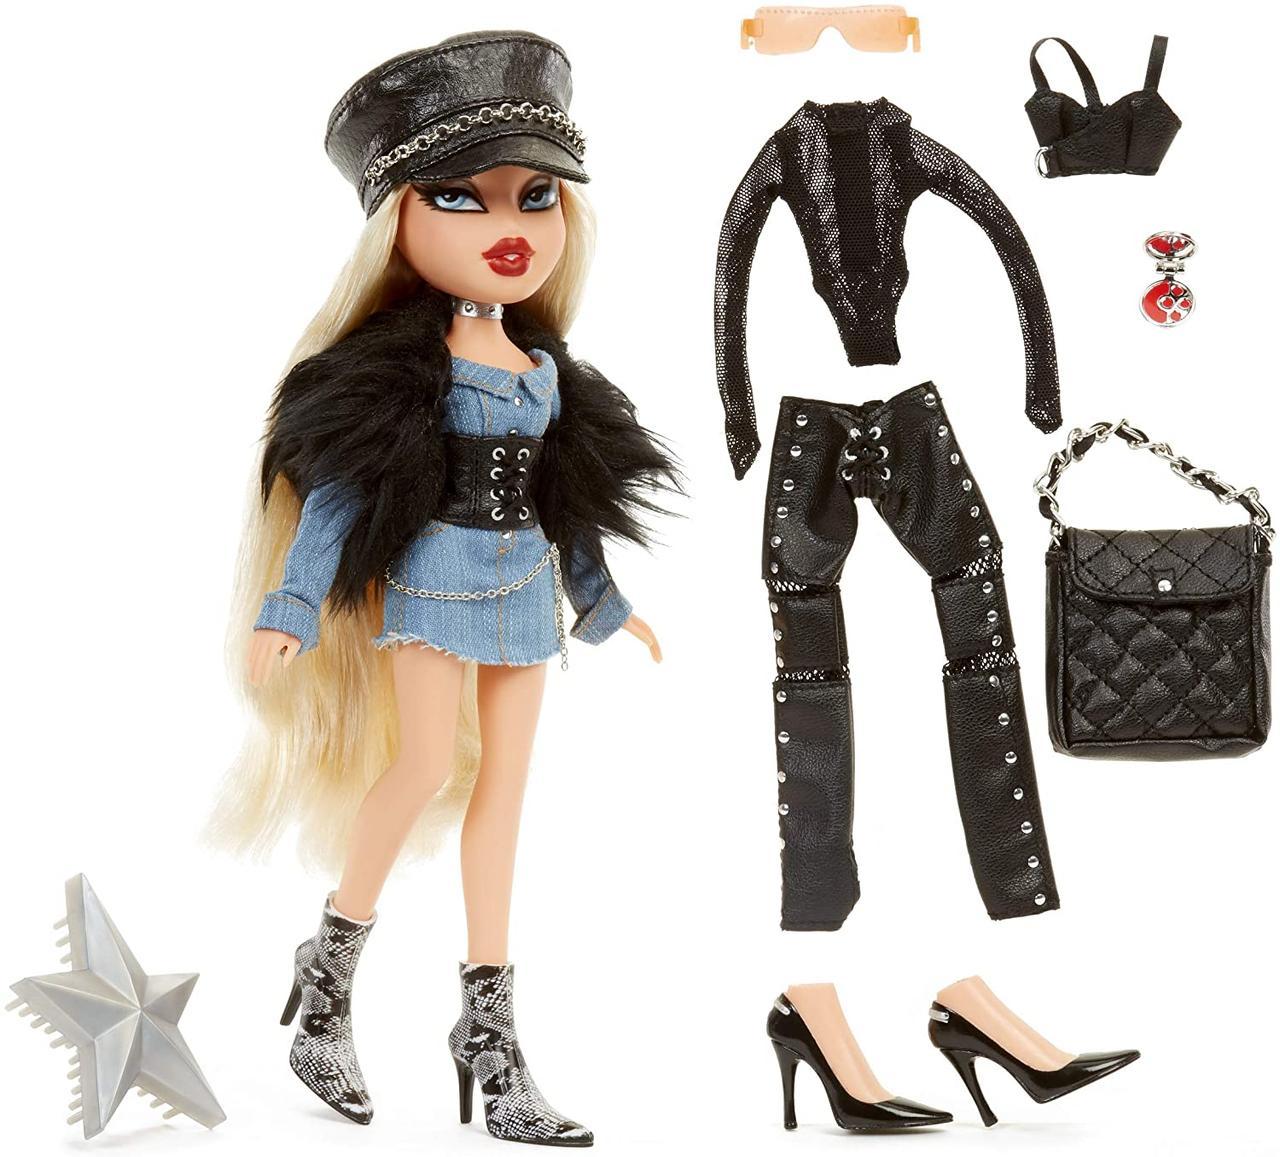 Лялька Bratz Хлоя Хлое колектор Cloe Bratz Collector Doll колекційна 2018 року оригінал